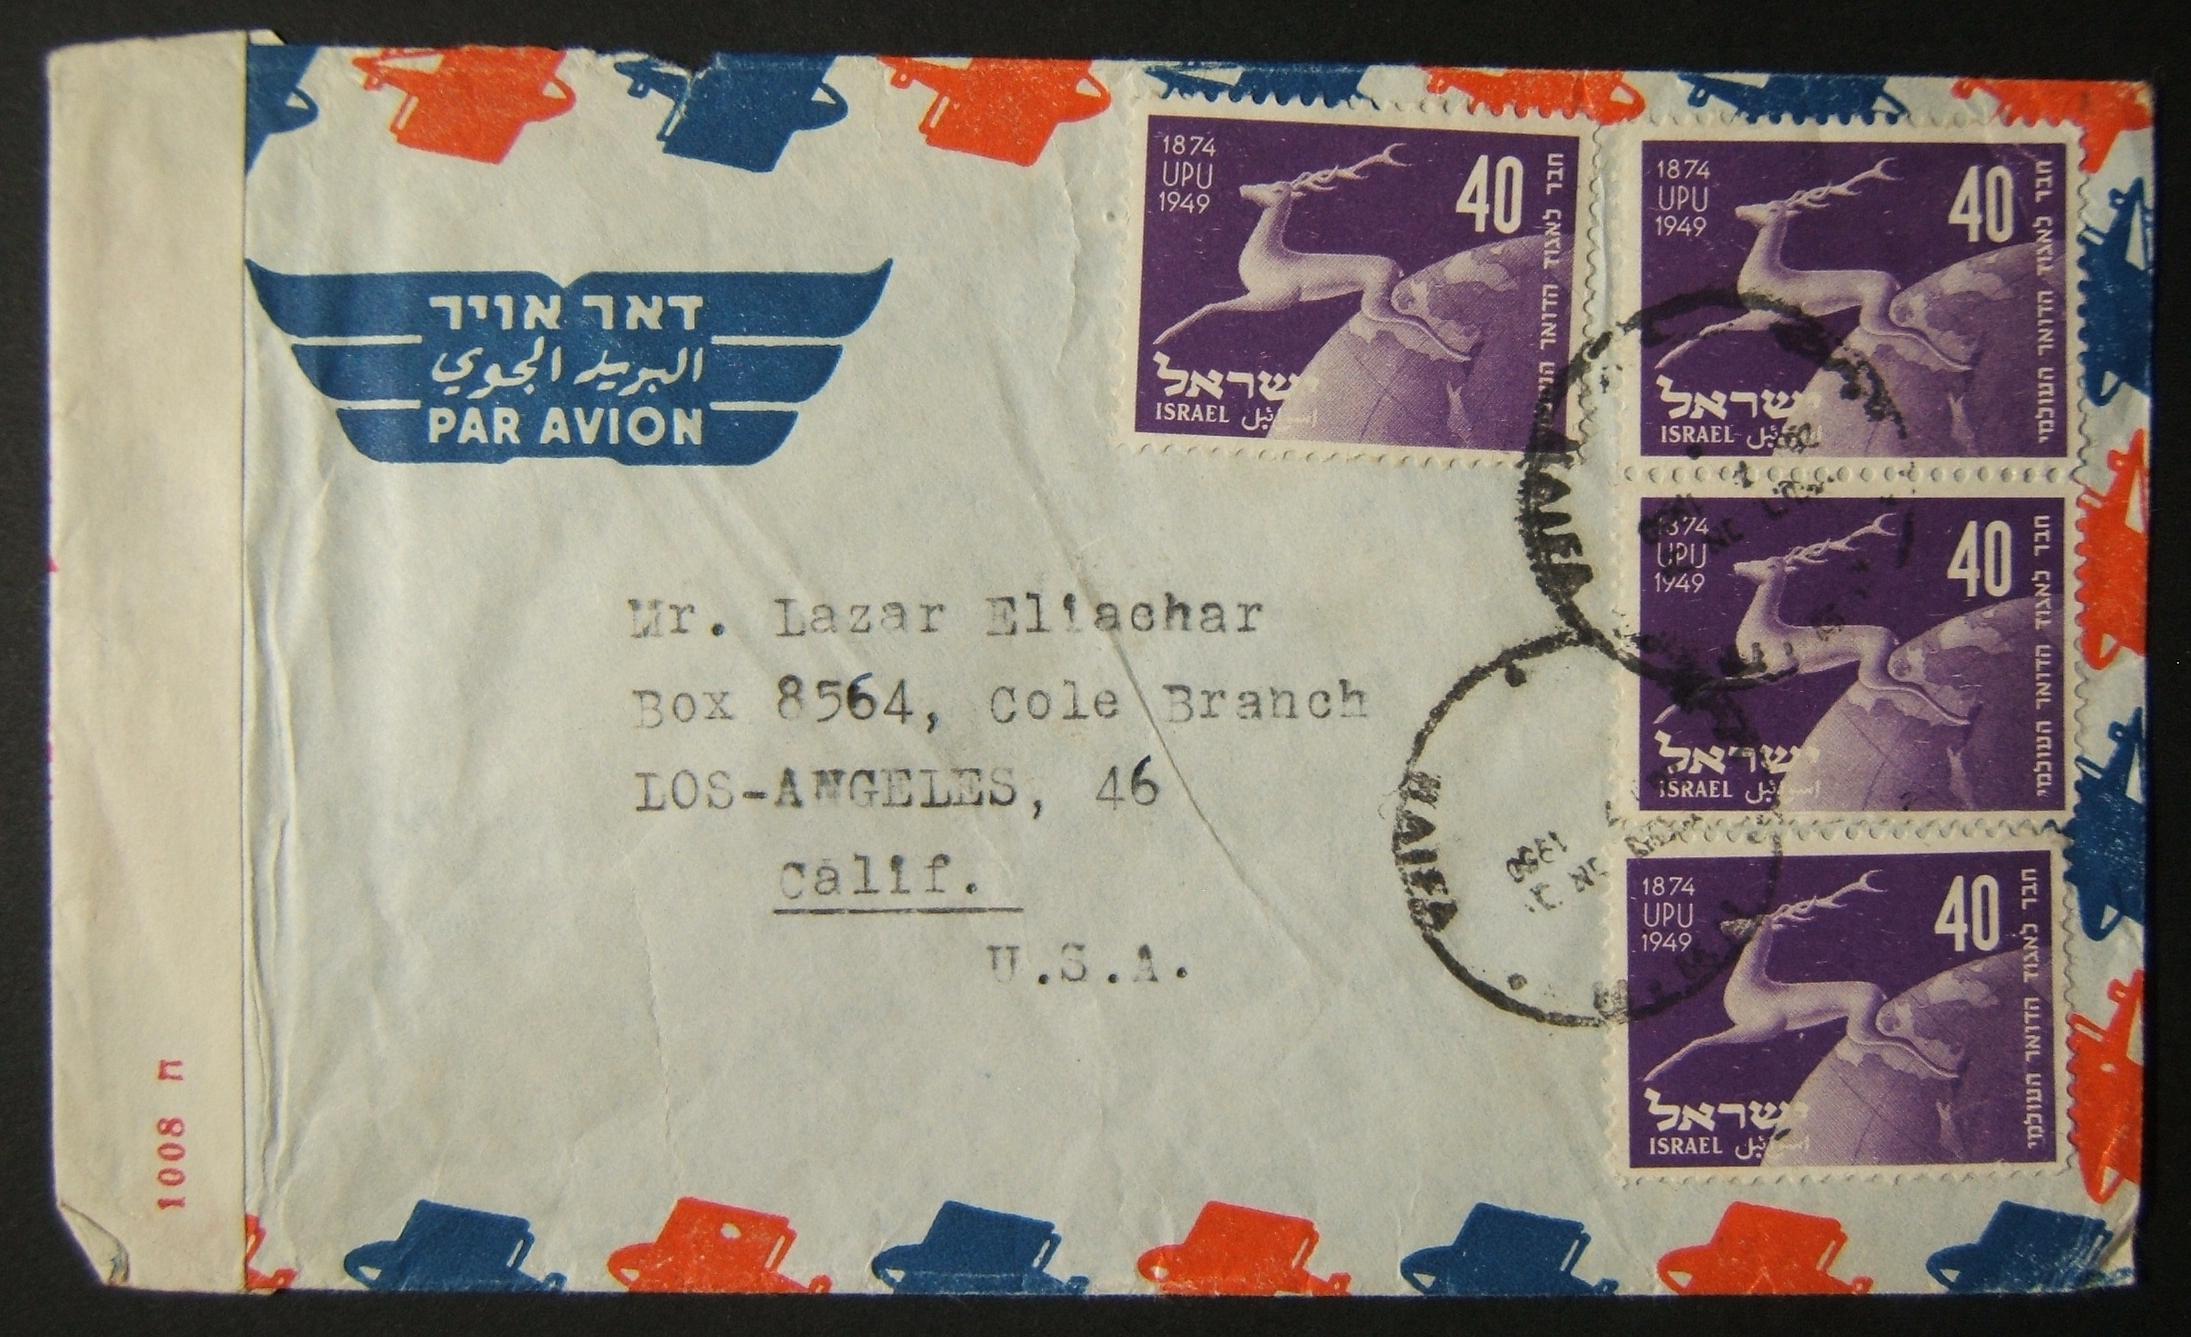 """7/1950 אימייל מרובה-פעימות מחיפה לארה""""ב באמצעות 4x 40Pr UPU בולים"""